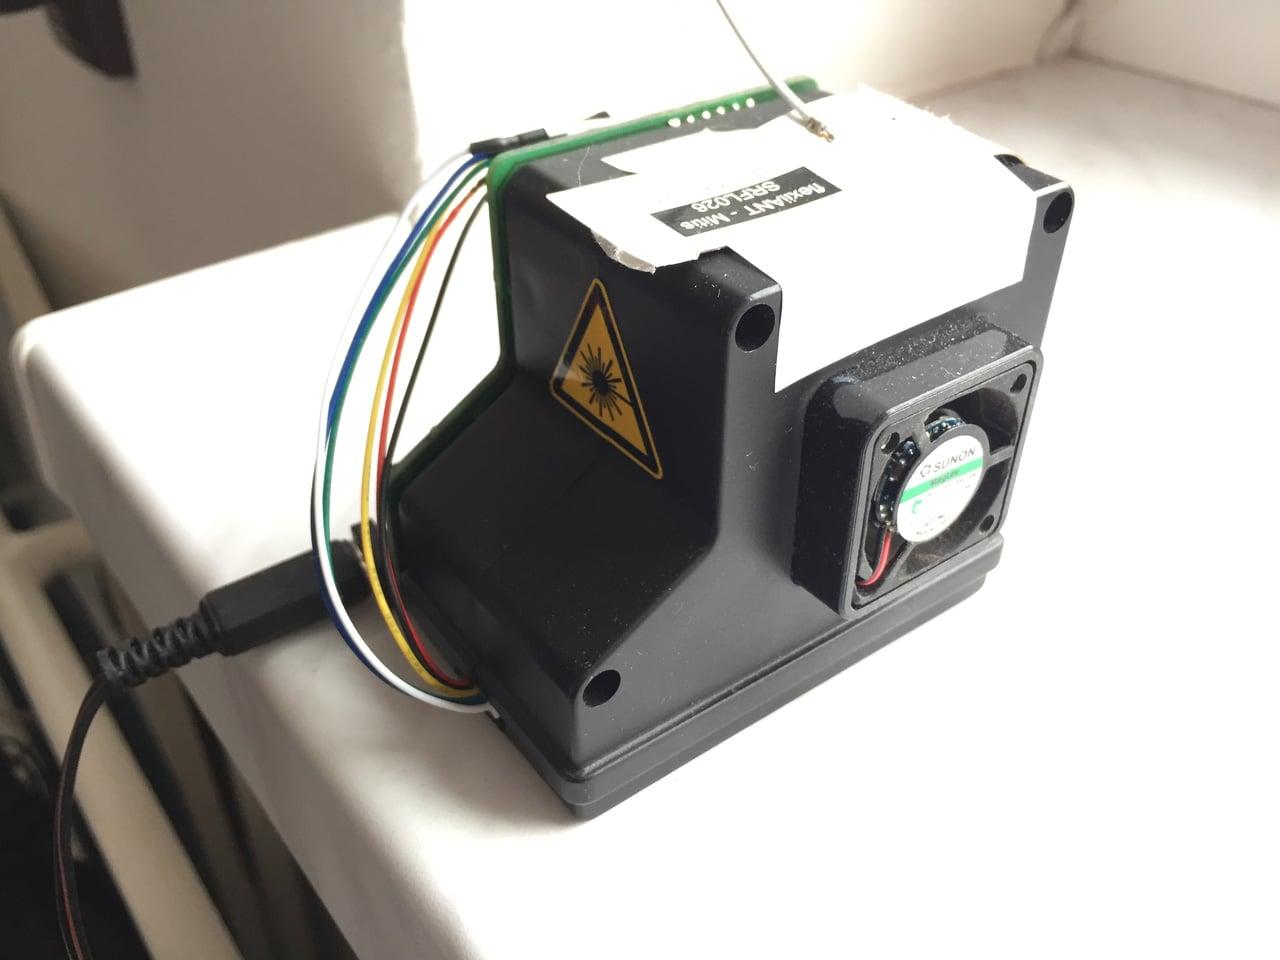 Ostravský hackerspace Labka a jejich IoT projekt SenseNet